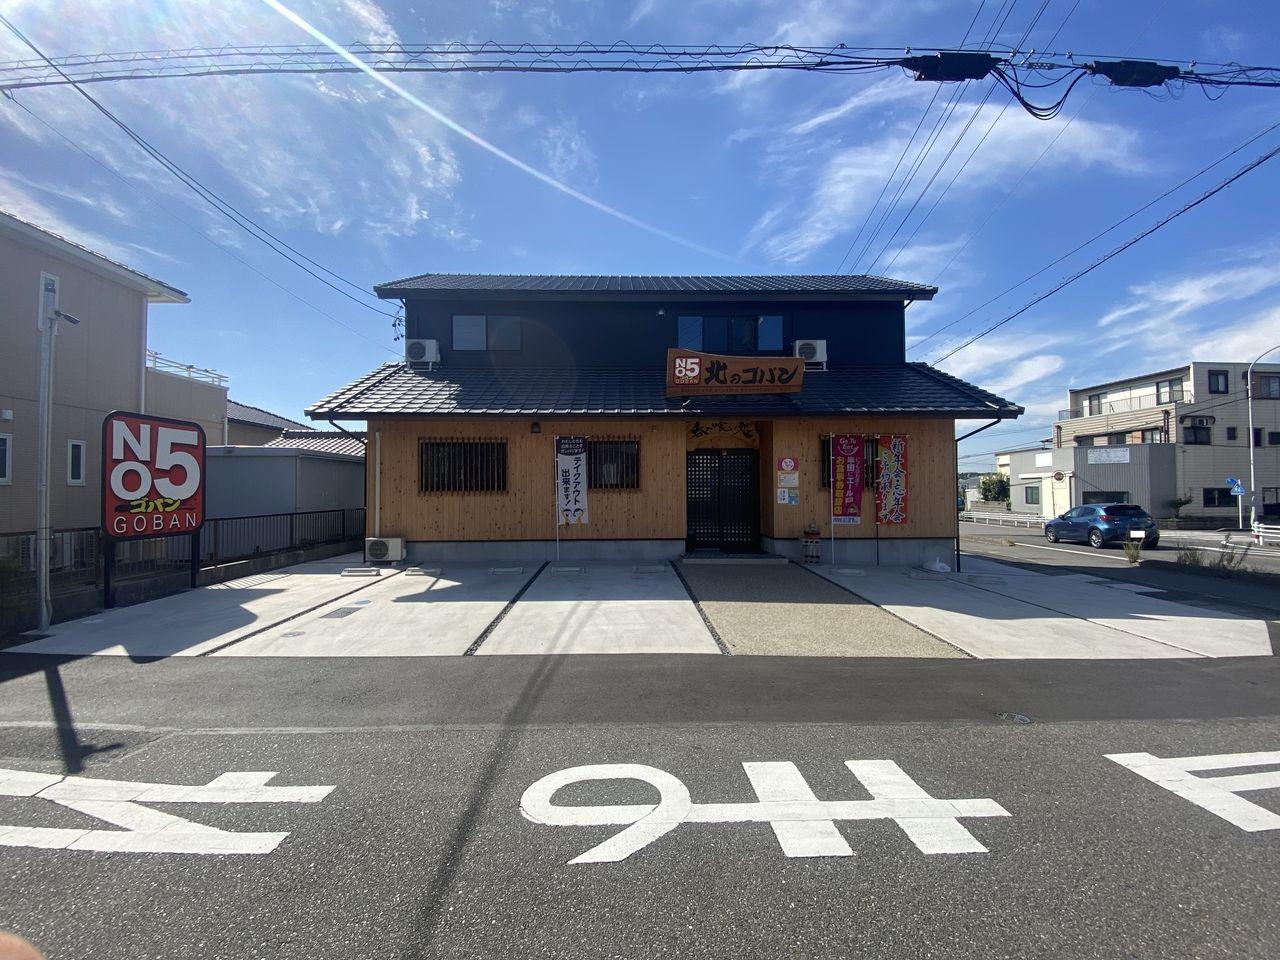 【呑み食い処】 北海道料理や新鮮な魚介類など。テイクアウトの弁当もあります。秋サンマ入荷!